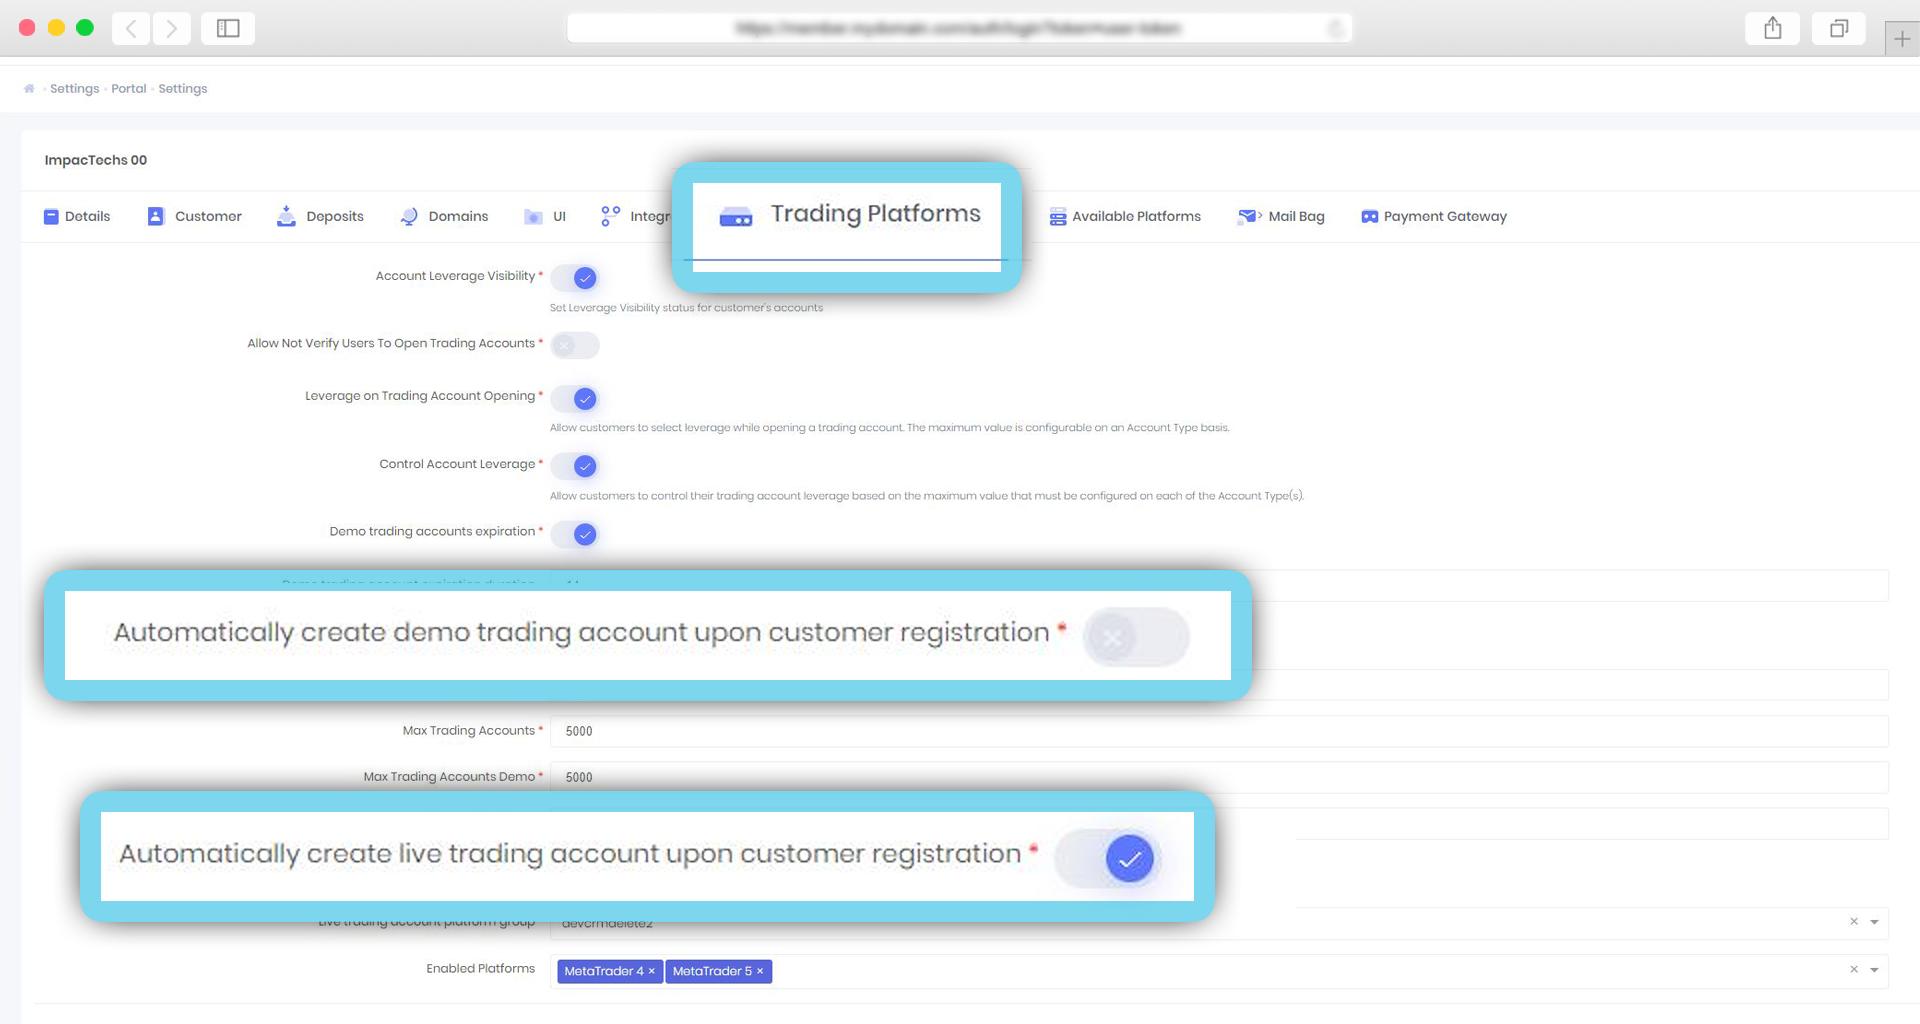 Trading platforms 3